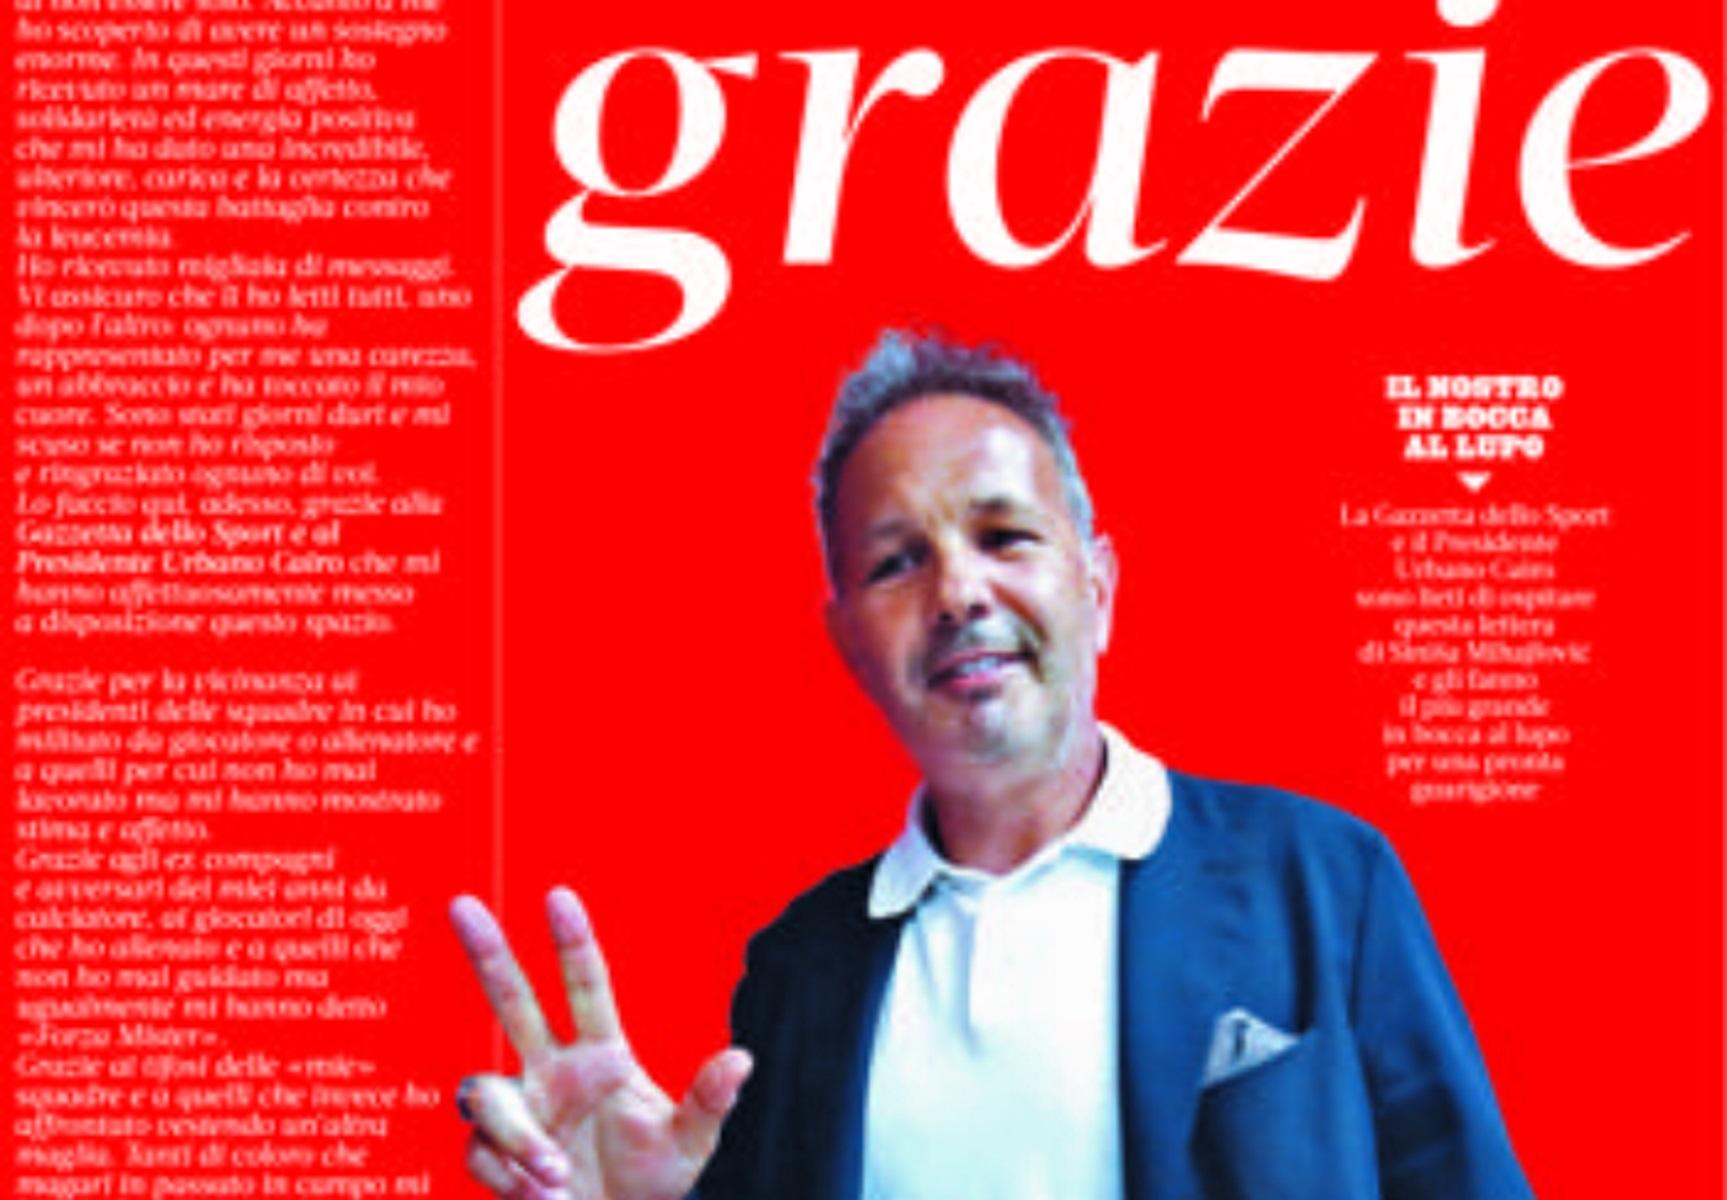 Μιχαΐλοβιτς: Η συγκινητική επιστολή για τη μάχη που ξεκινάει κατά της λευχαιμίας